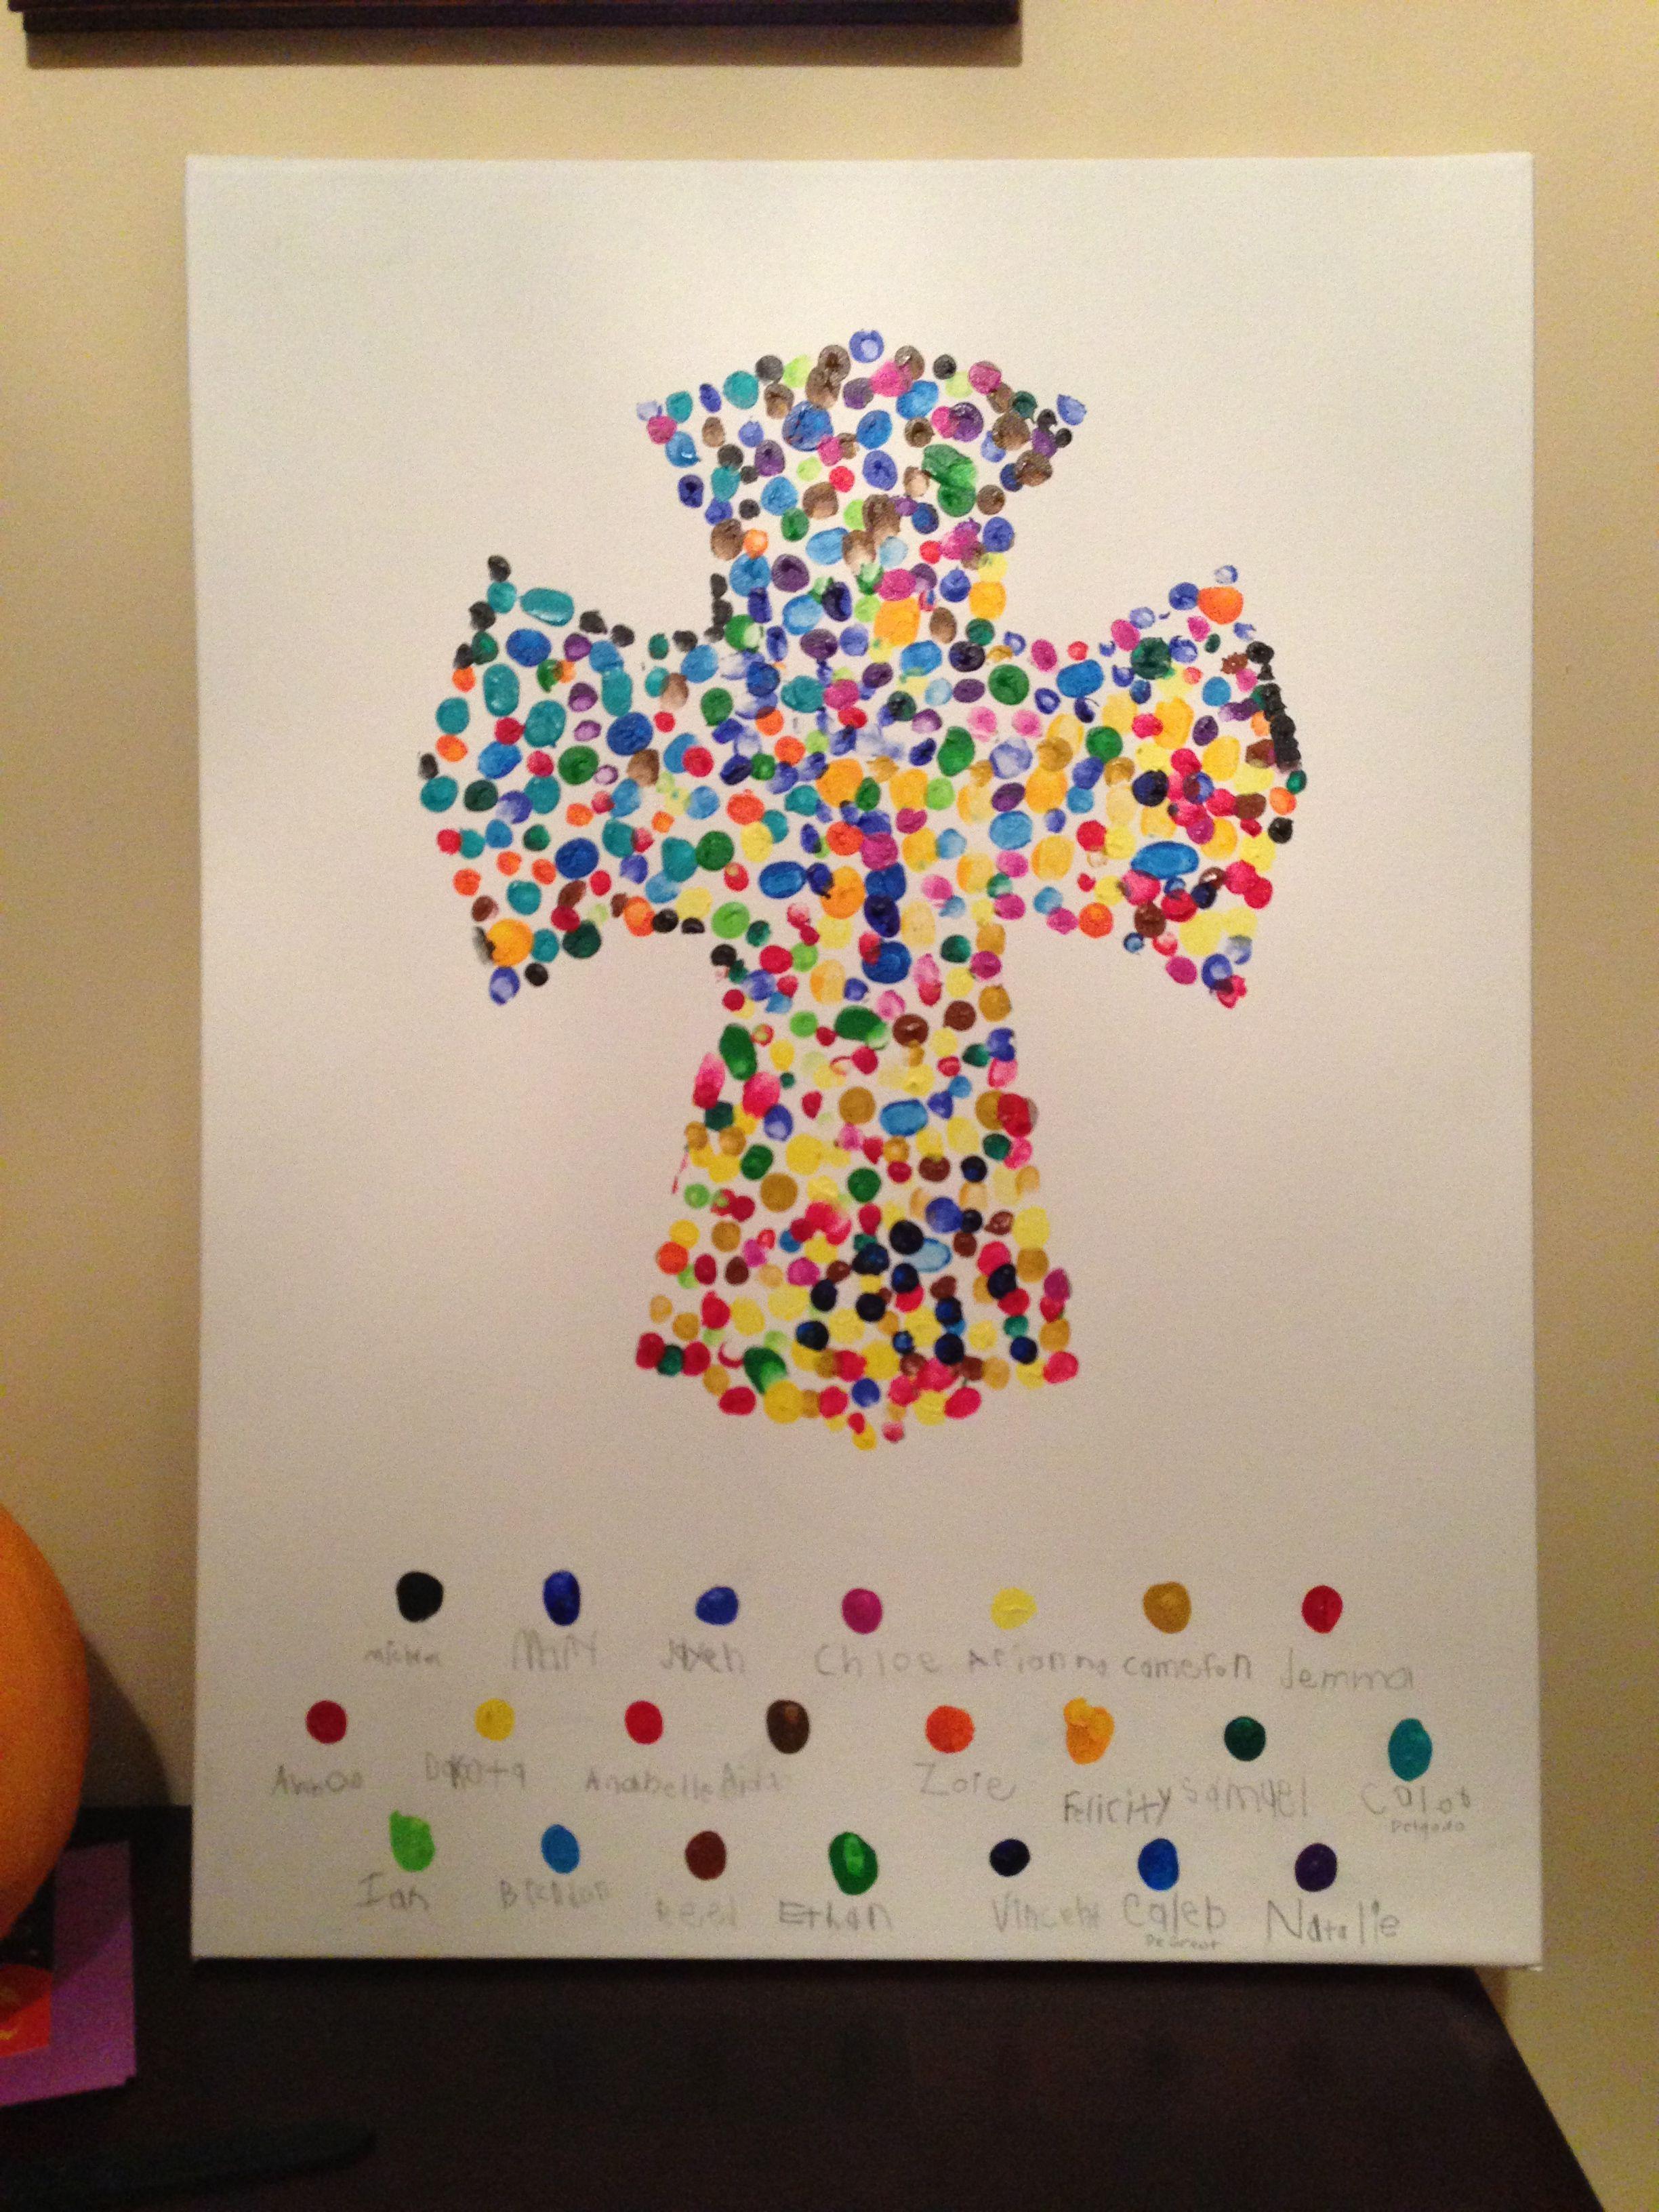 Amo este para uma ideia estação oração. Use uma cor diferente para diferentes tipos de orações e participantes convidados para enxugar suas orações para a cruz